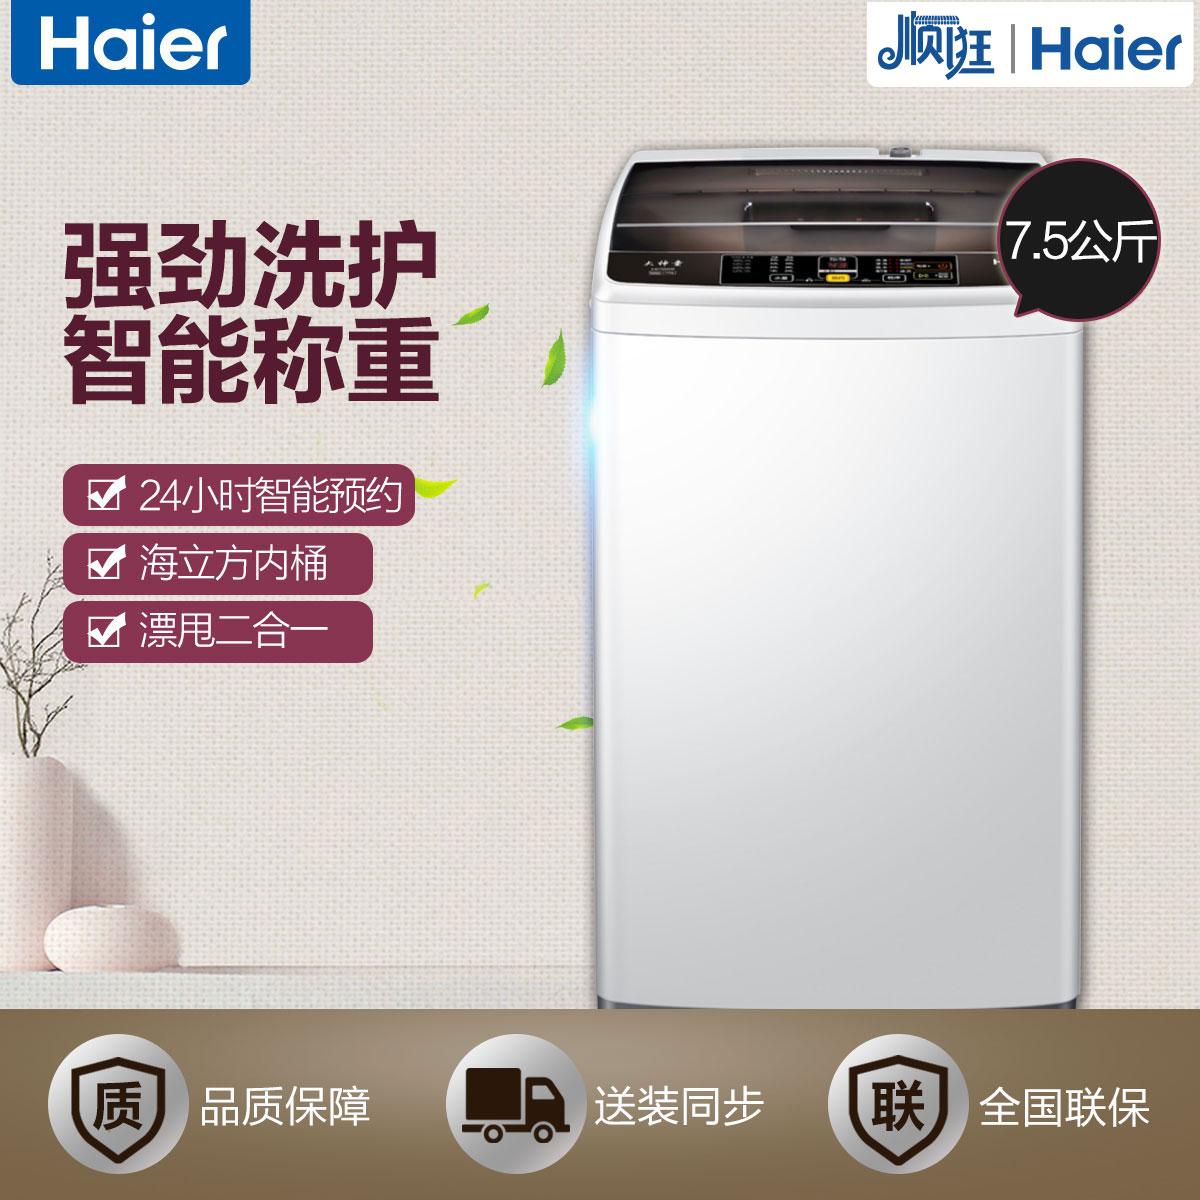 强劲洗护 漂甩合一 海立方内筒 EB75M29 7.5公斤智能波轮全自动洗衣机